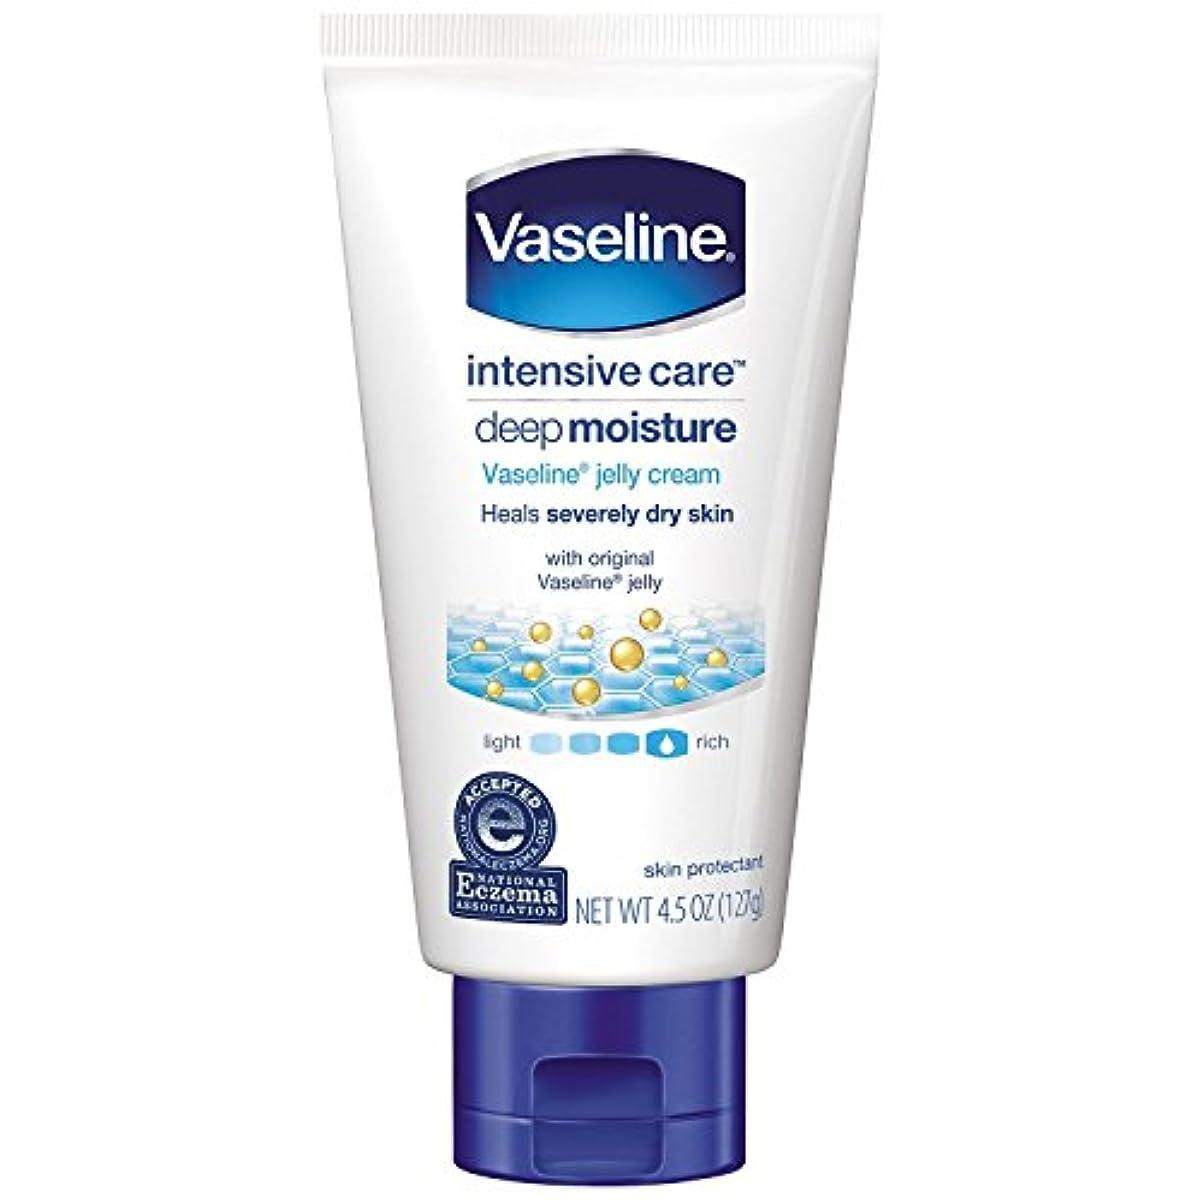 膨らみそのクリップ蝶Vaseline intensive care deep moisture jelly cream 4.5oz(127g) ヴァセリン インテンシブケア ディープ モイスチュア ジェリークリーム